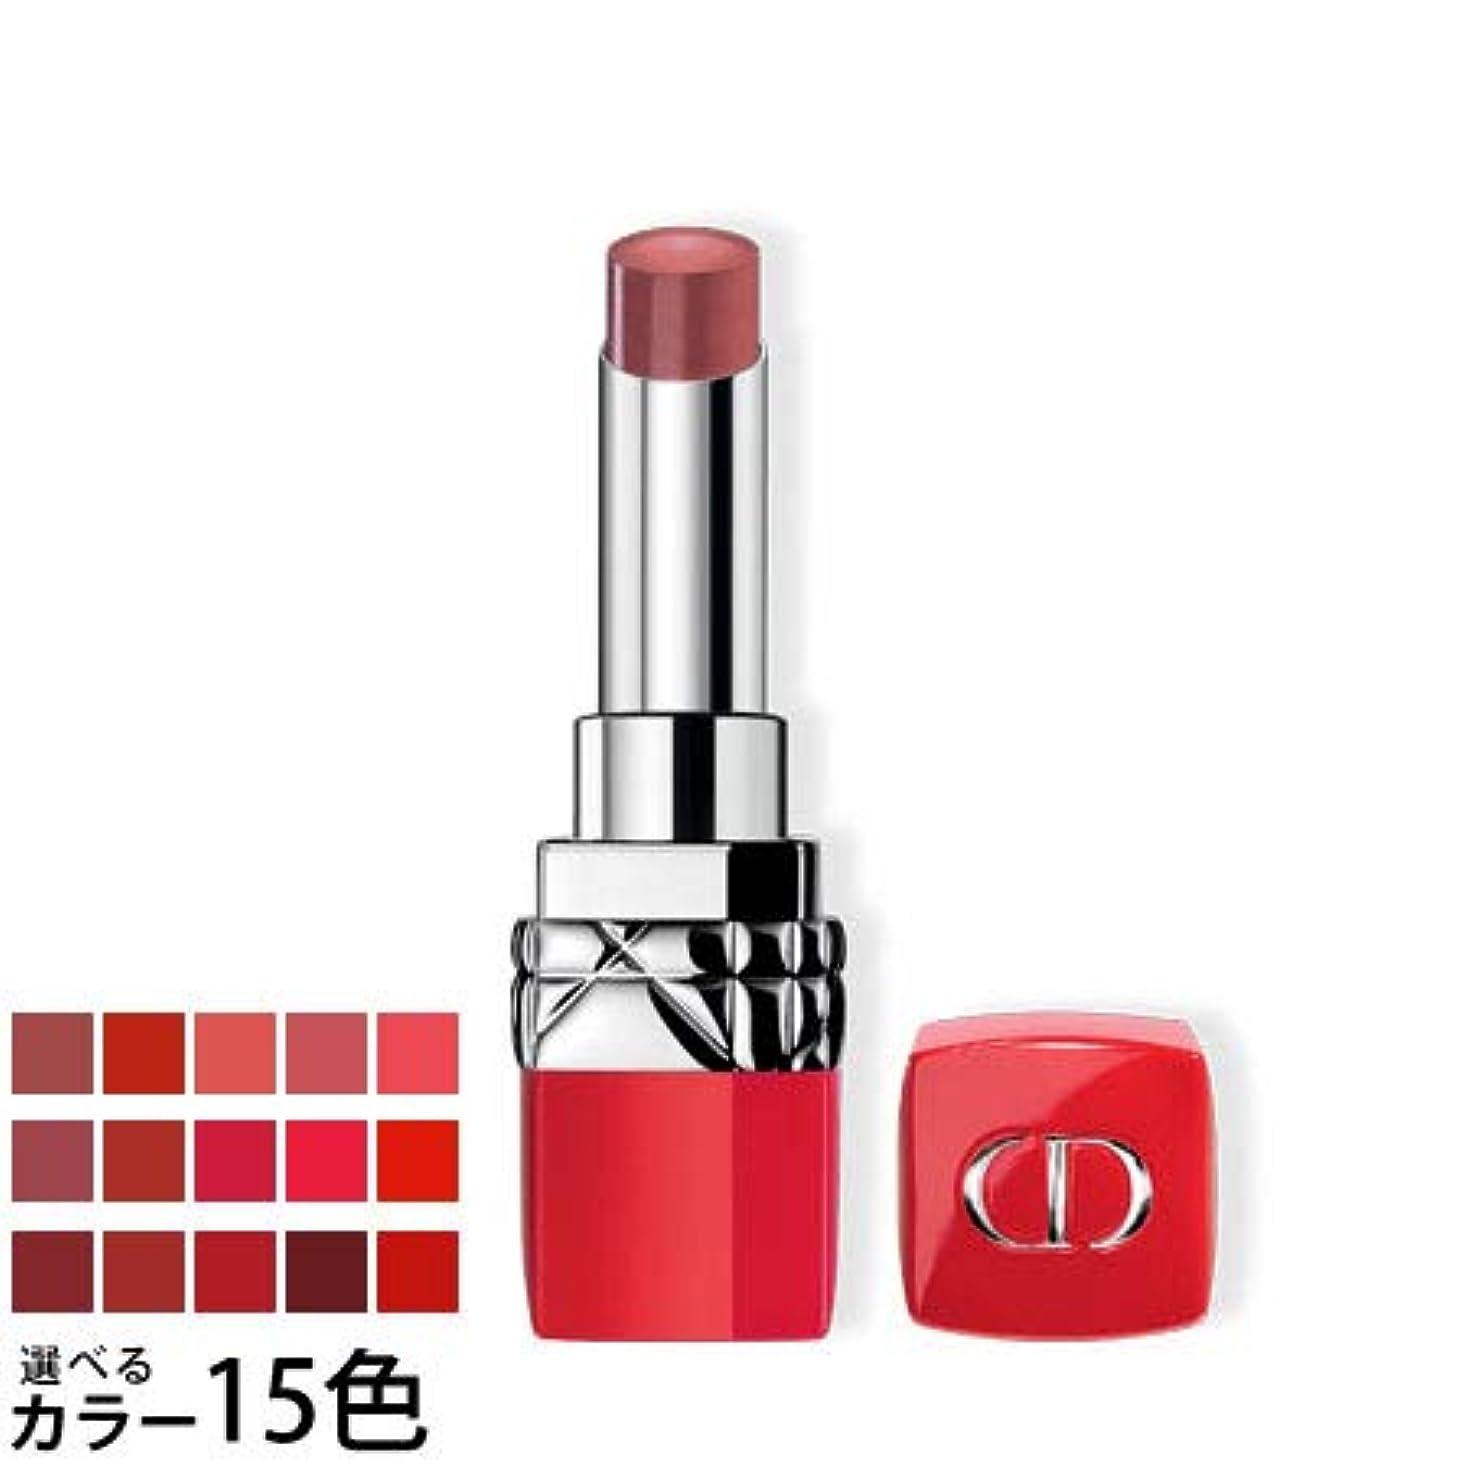 除外するピッチサイクルディオール ルージュ ディオール ウルトラ ルージュ 選べる15色 -Dior- 777